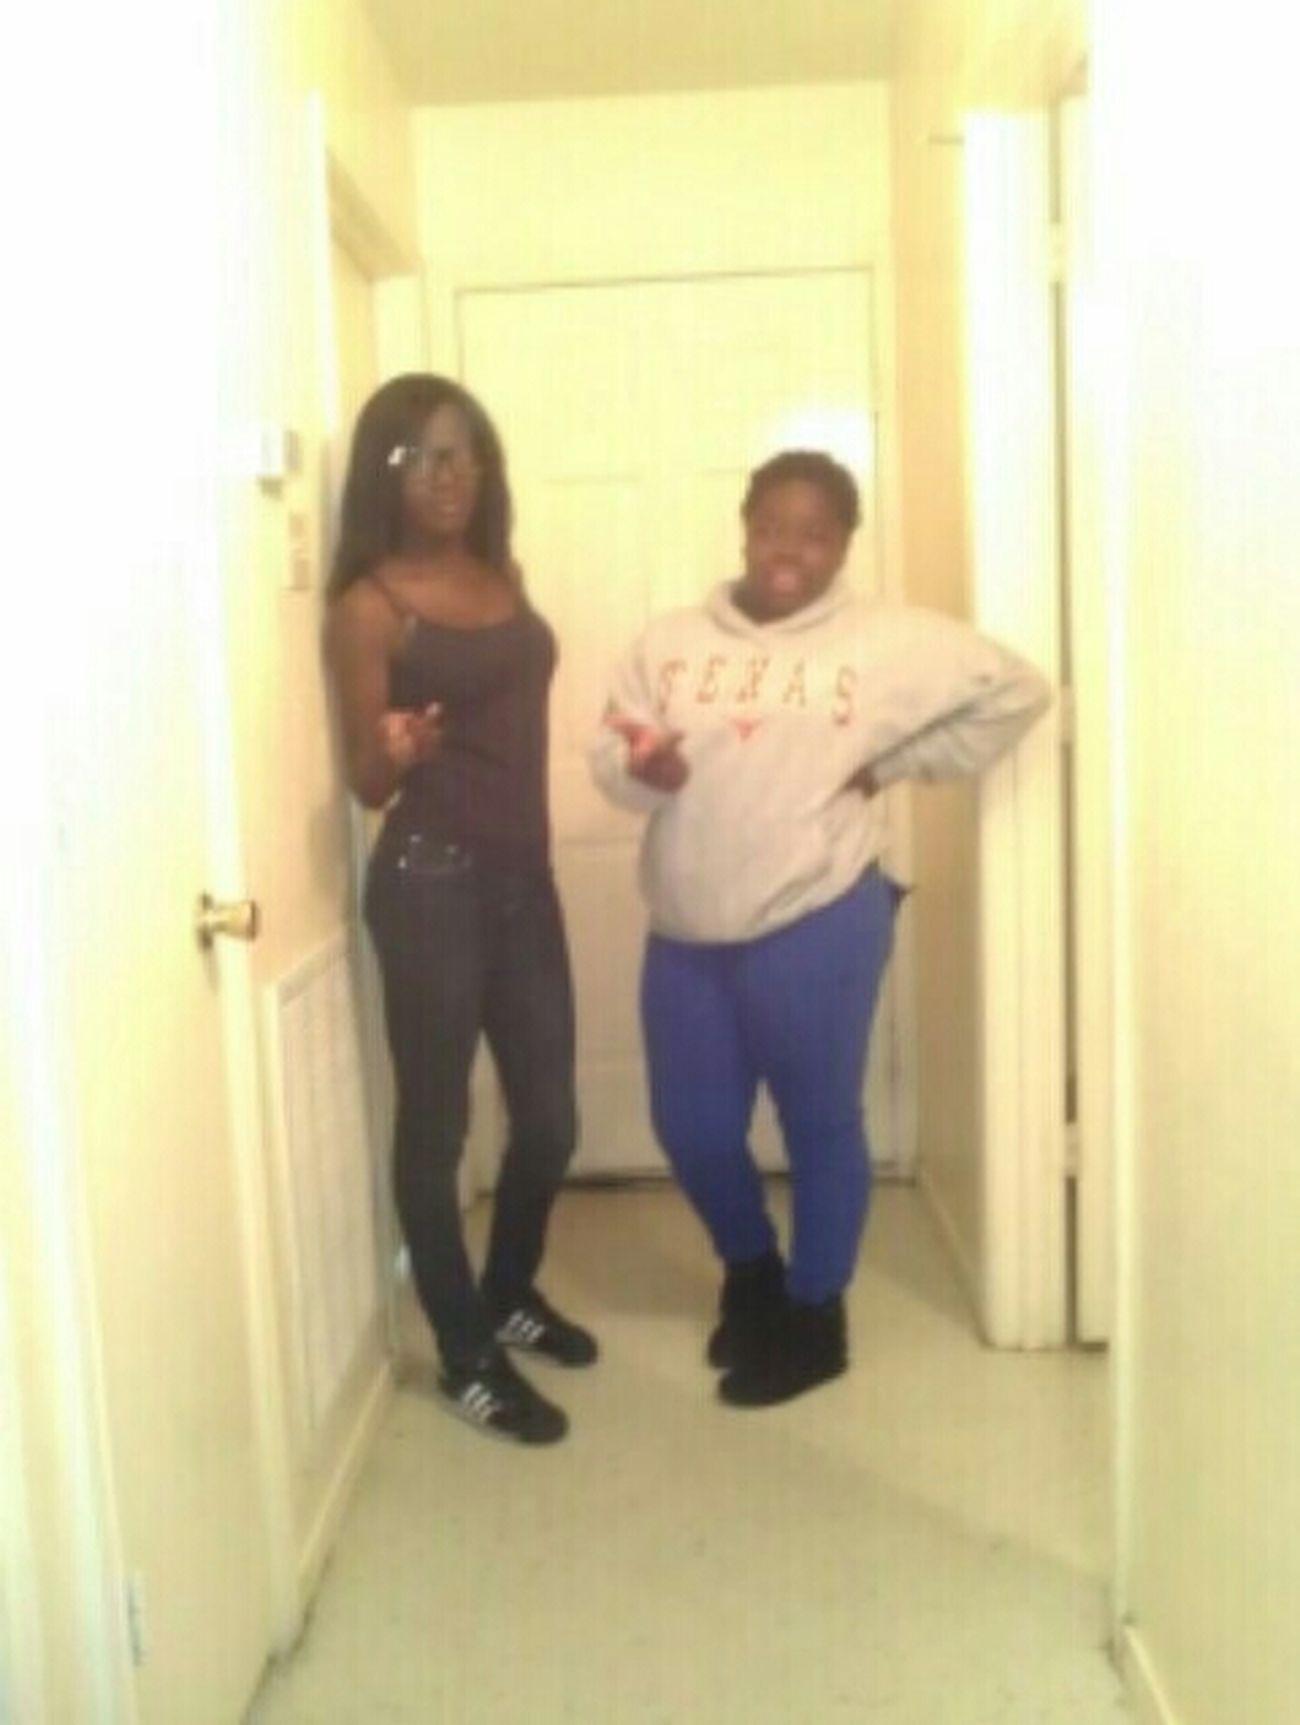 me and mii lil niqqa im in da black and she in da bluee